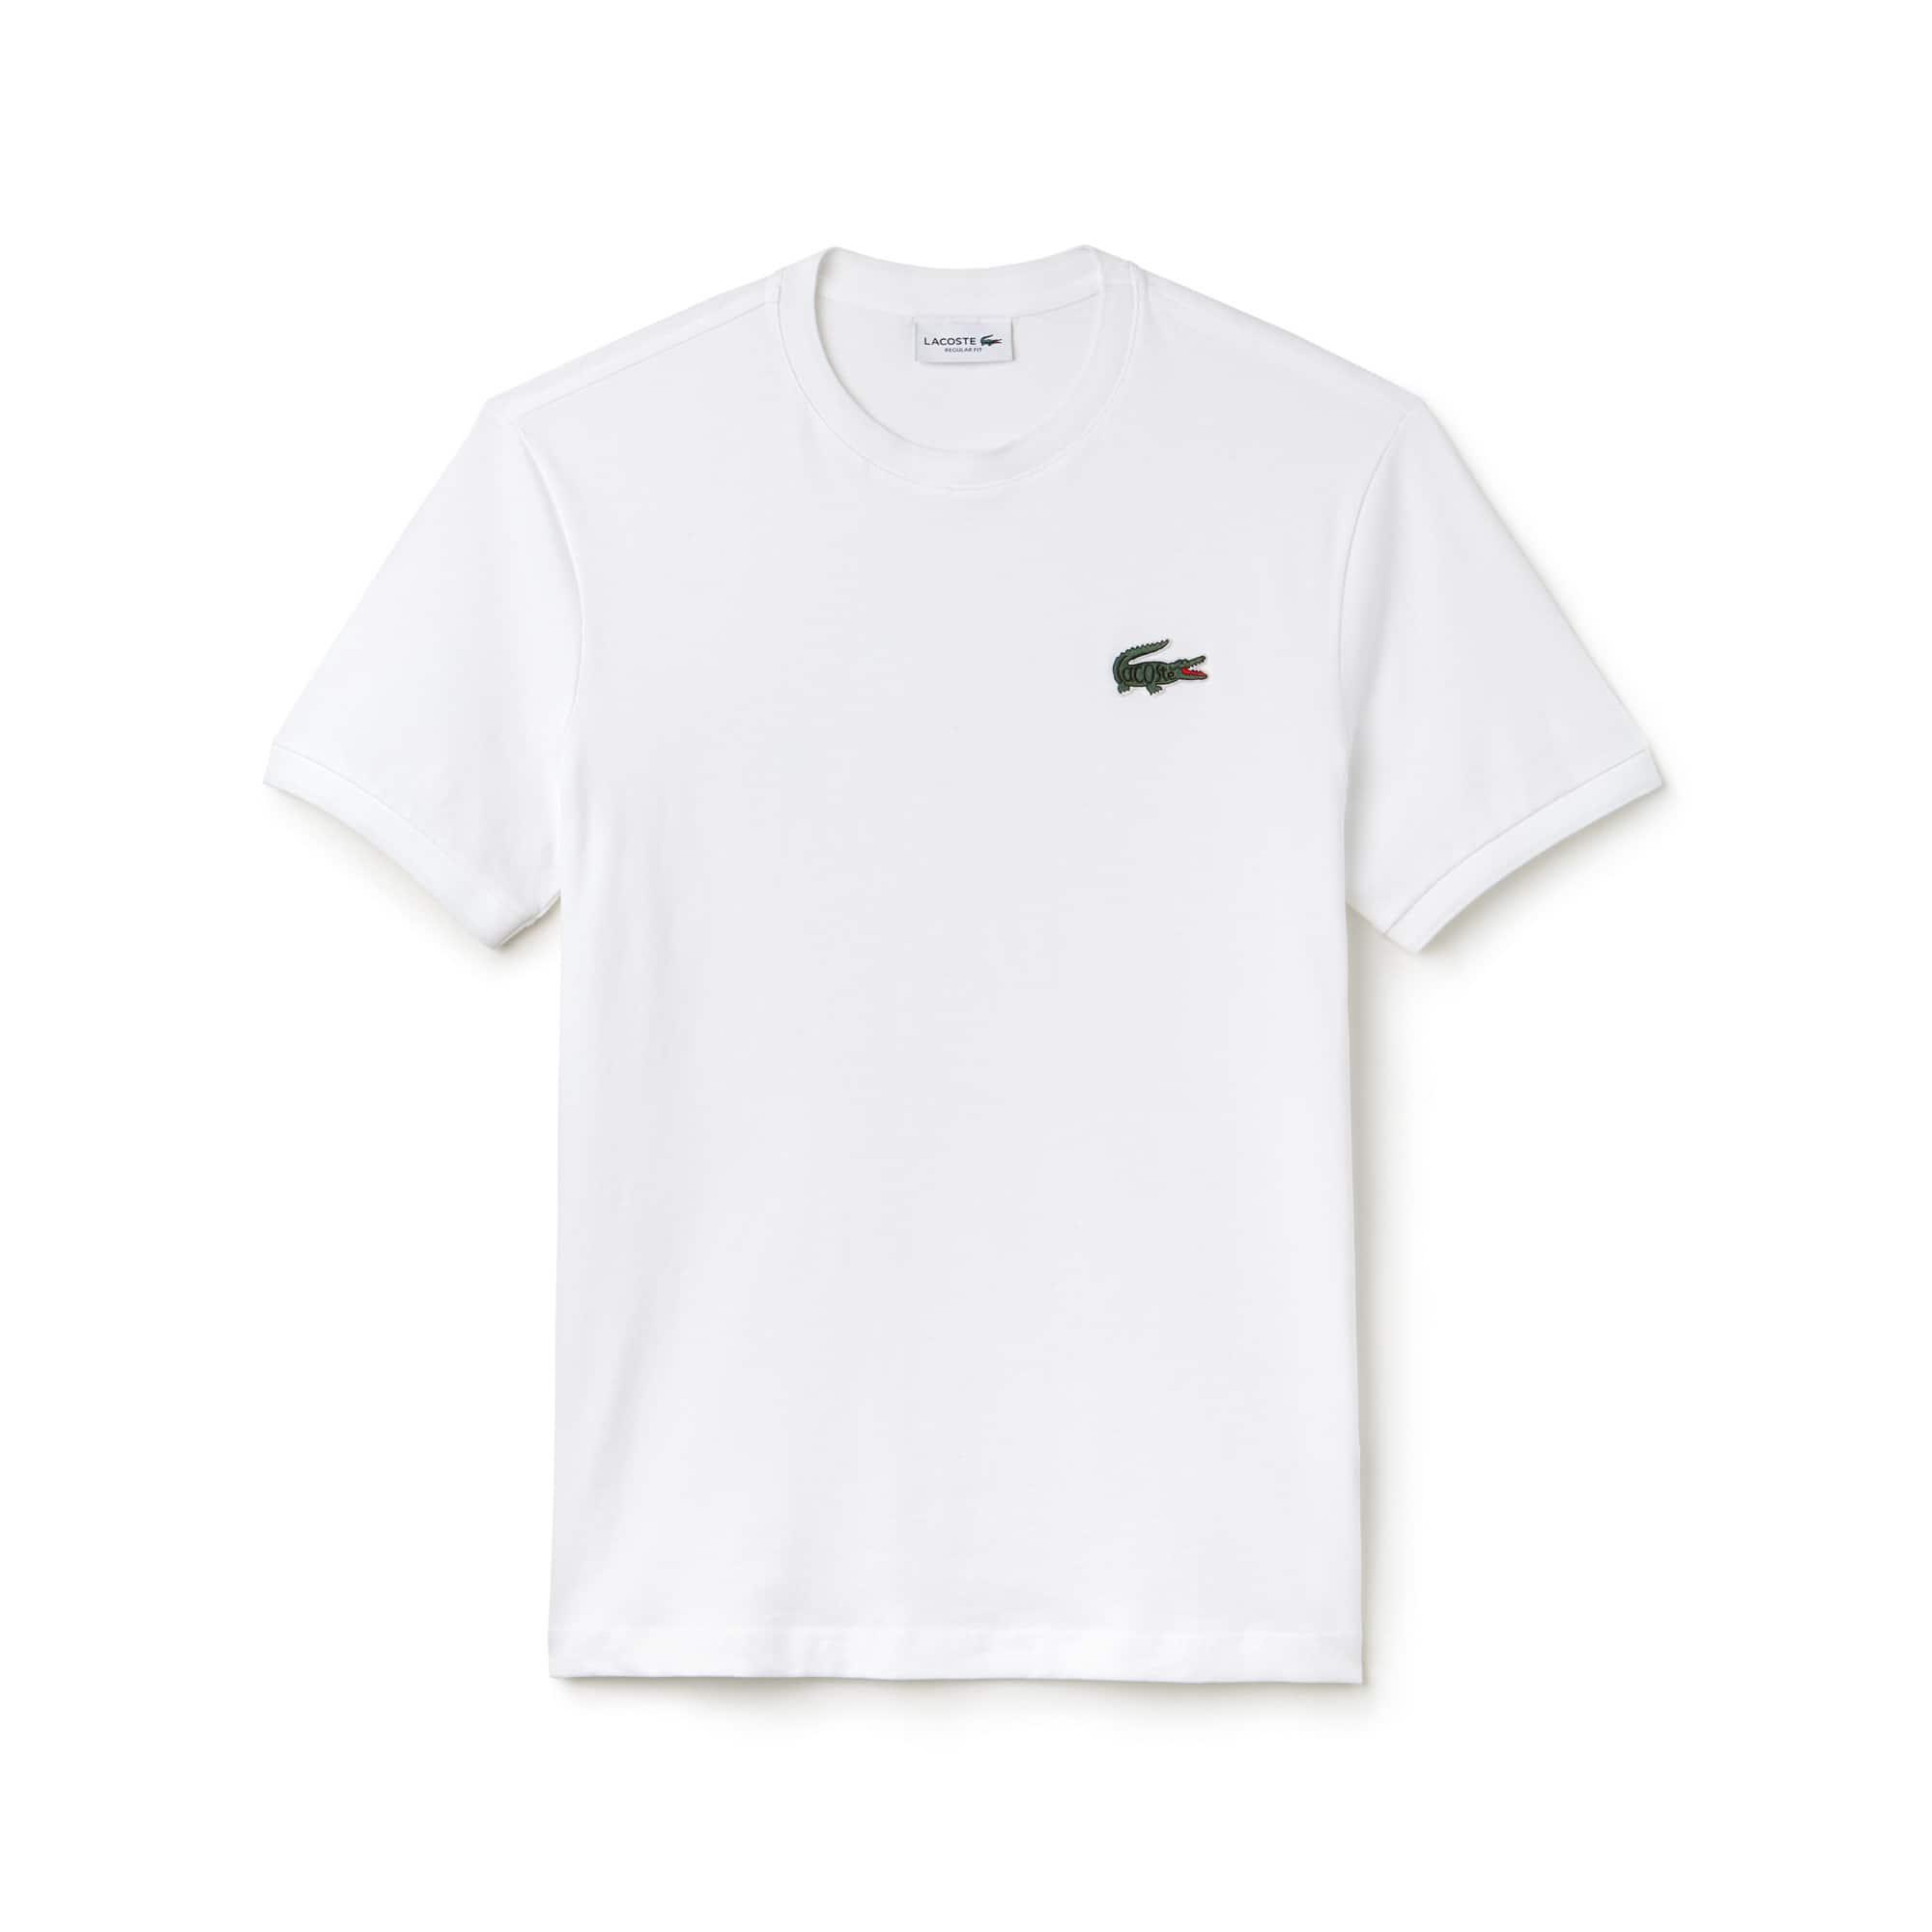 fe10a8503bb T-shirt col rond en jersey de coton avec crocodile marqué Lacoste ...